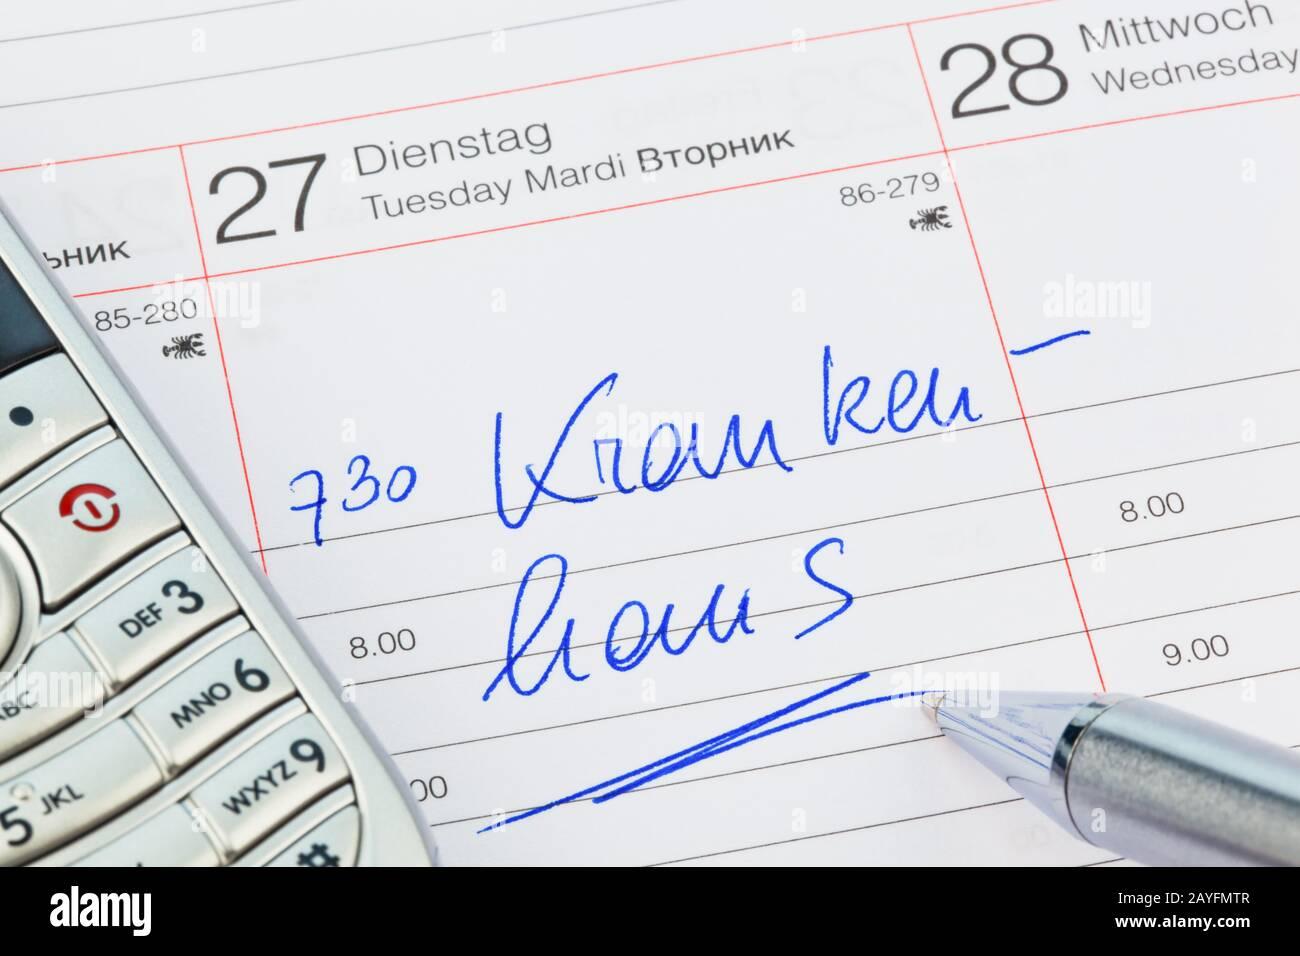 Ein Termin ist in einem Kalender eingetragen: Krankenhaus Stock Photo